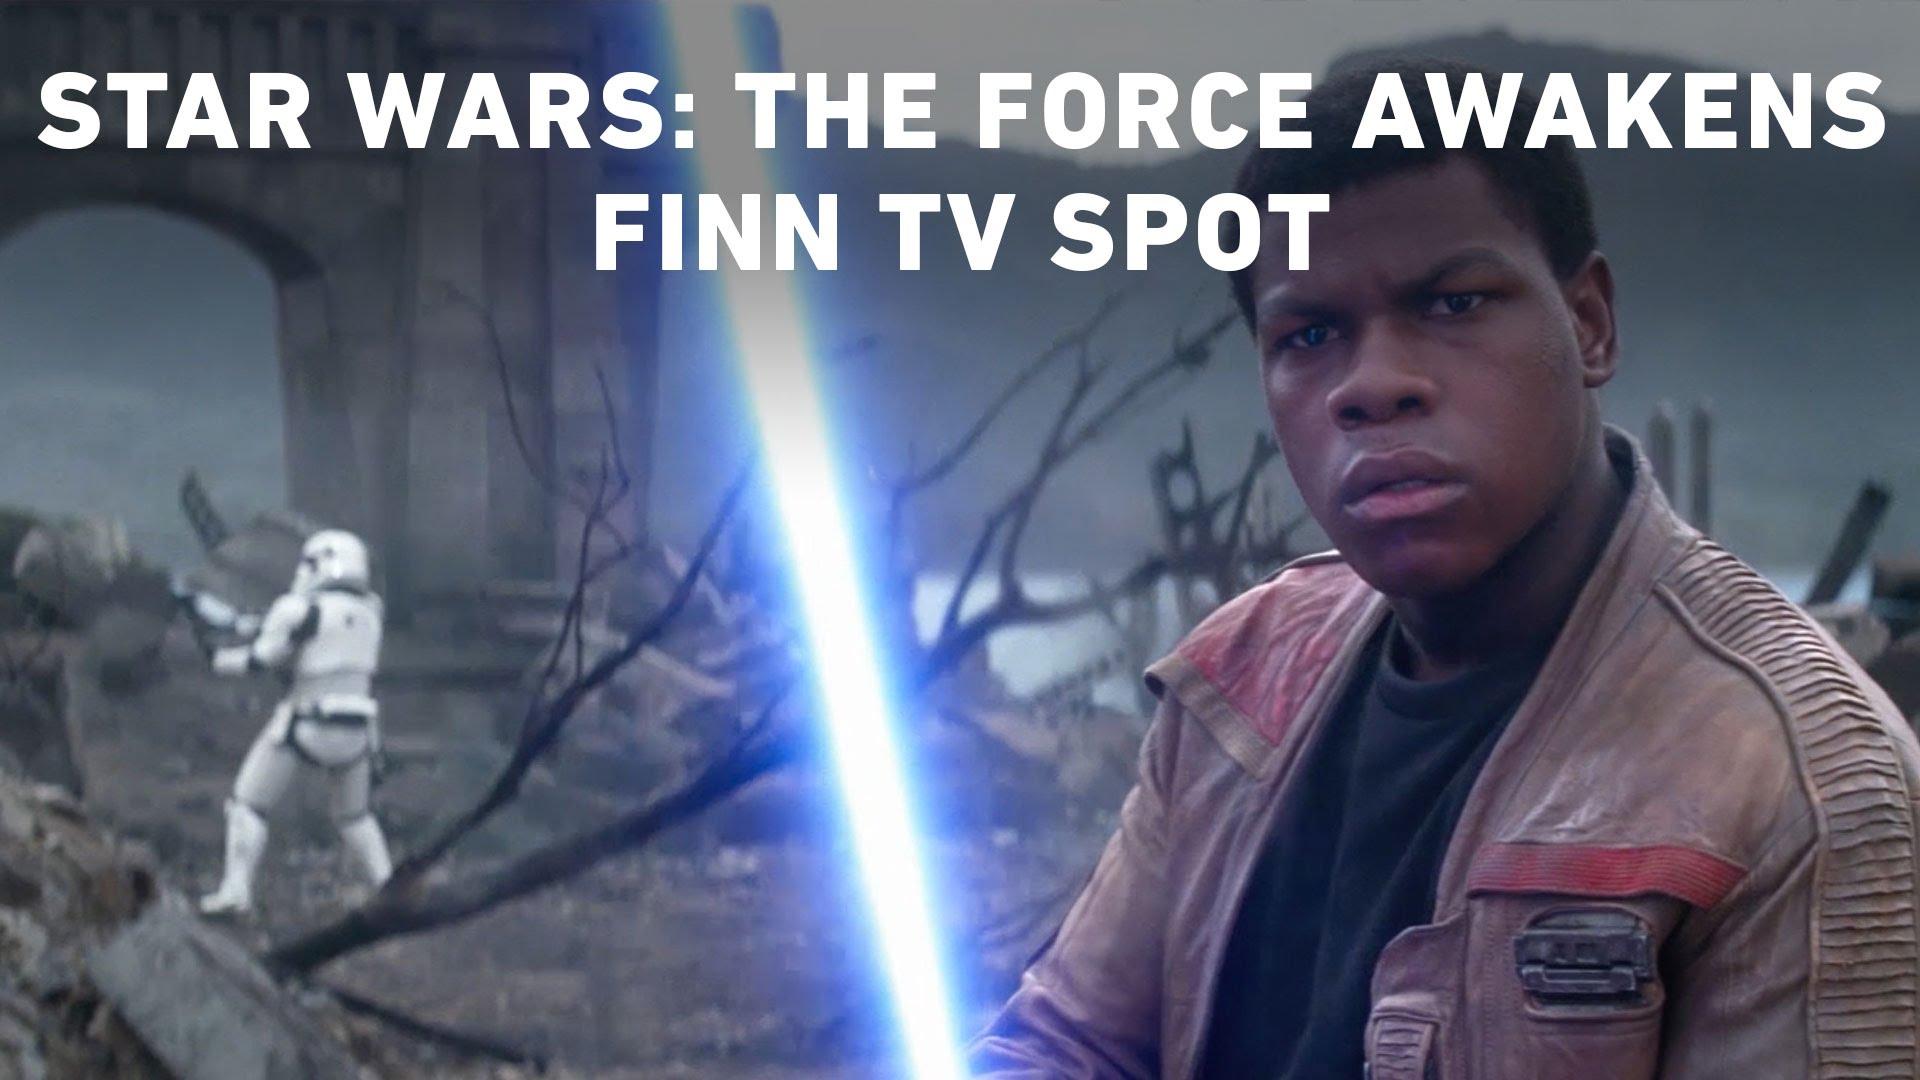 Star Wars: The Force Awakens Finn TV Spot (Official)